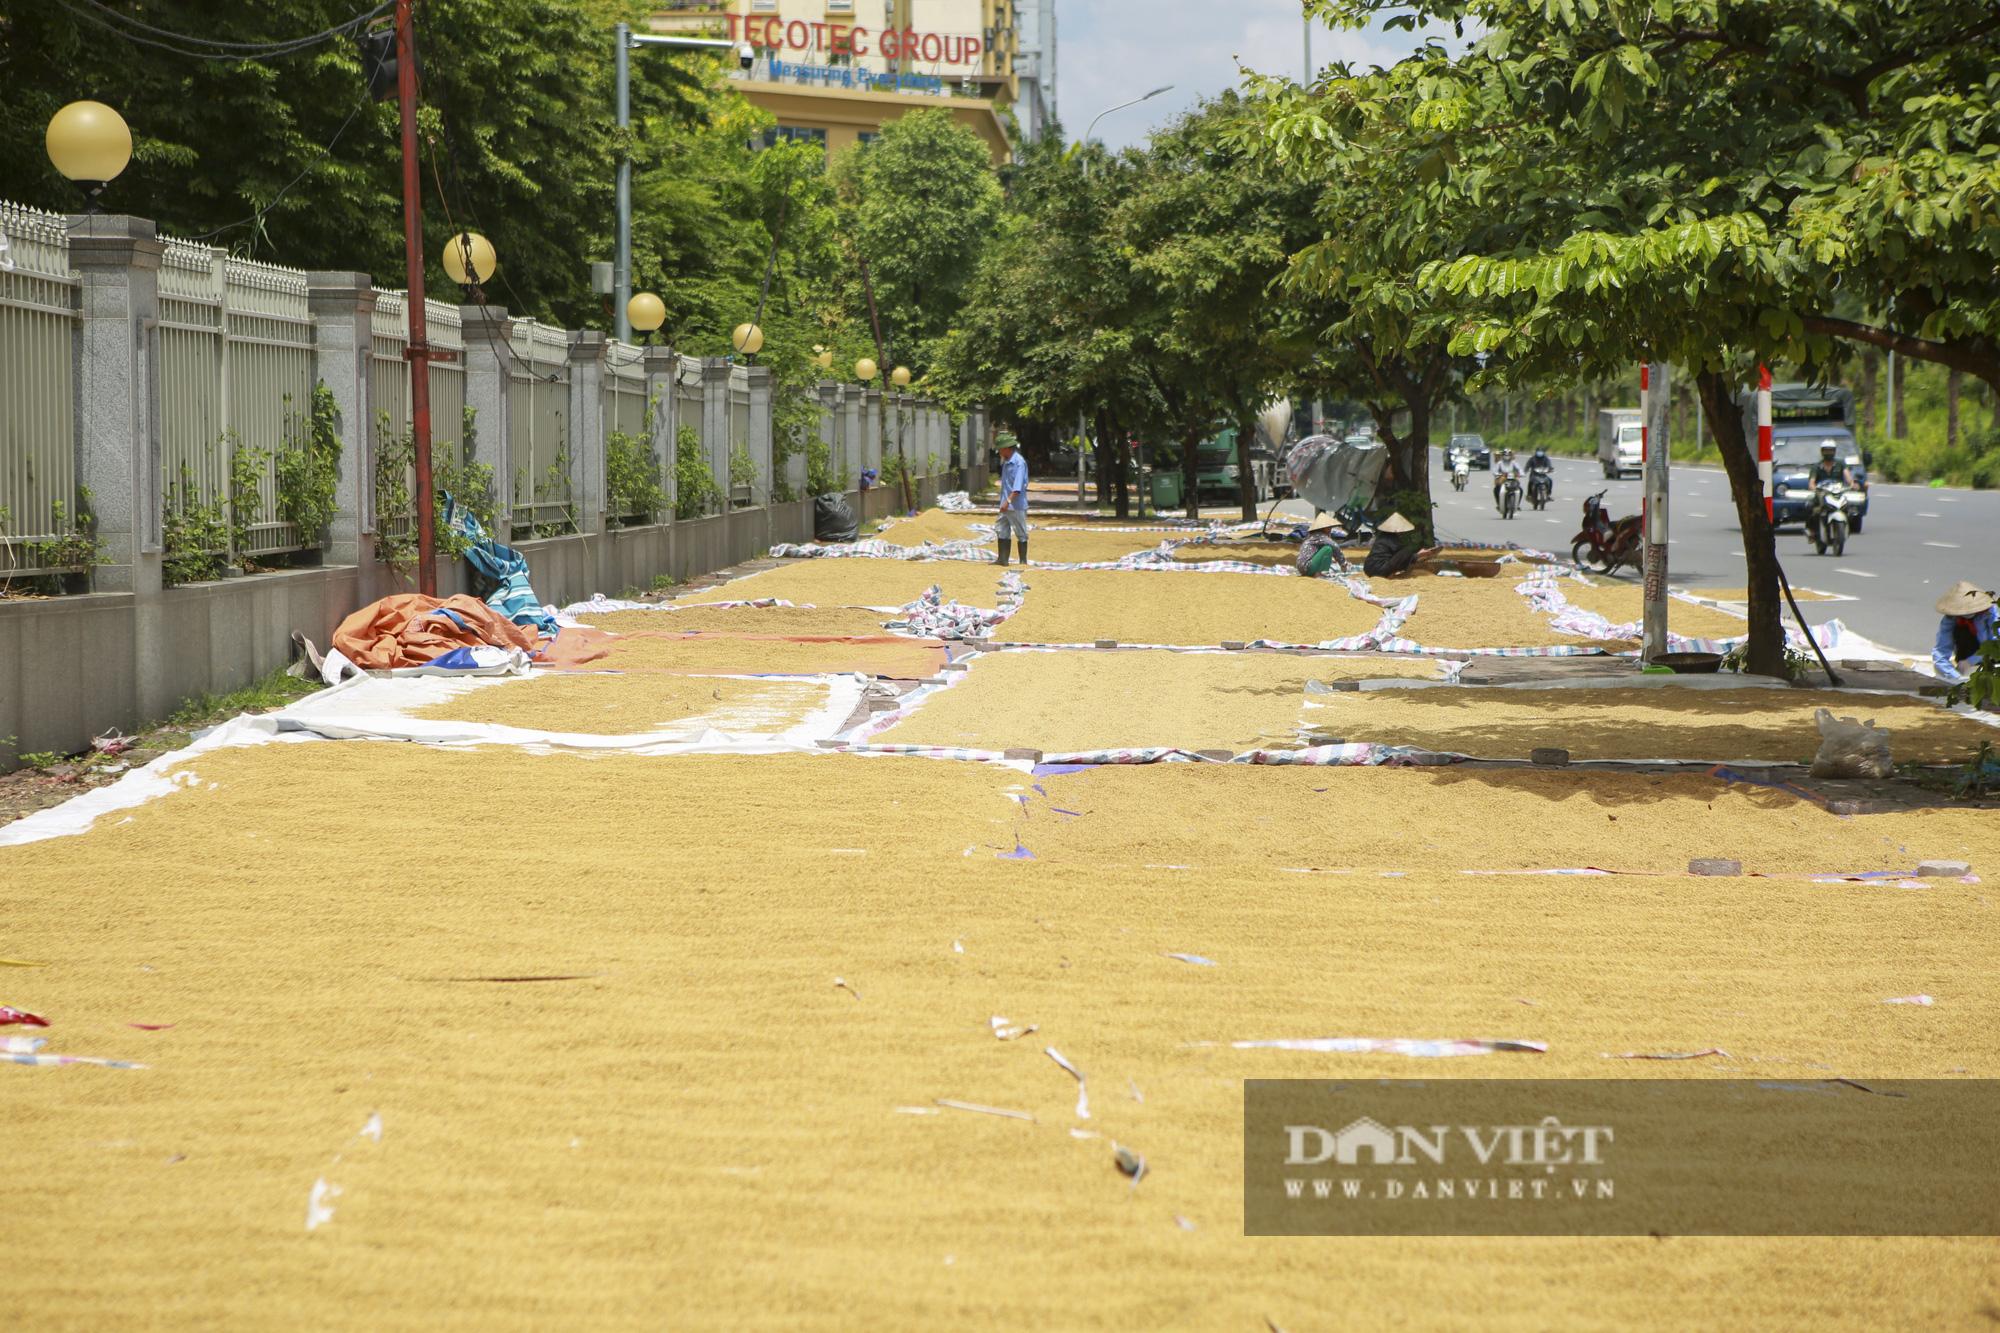 Hà Nội: Nông dân bất lực nhìn lúa mọc mầm vì mưa liên tiếp - Ảnh 1.